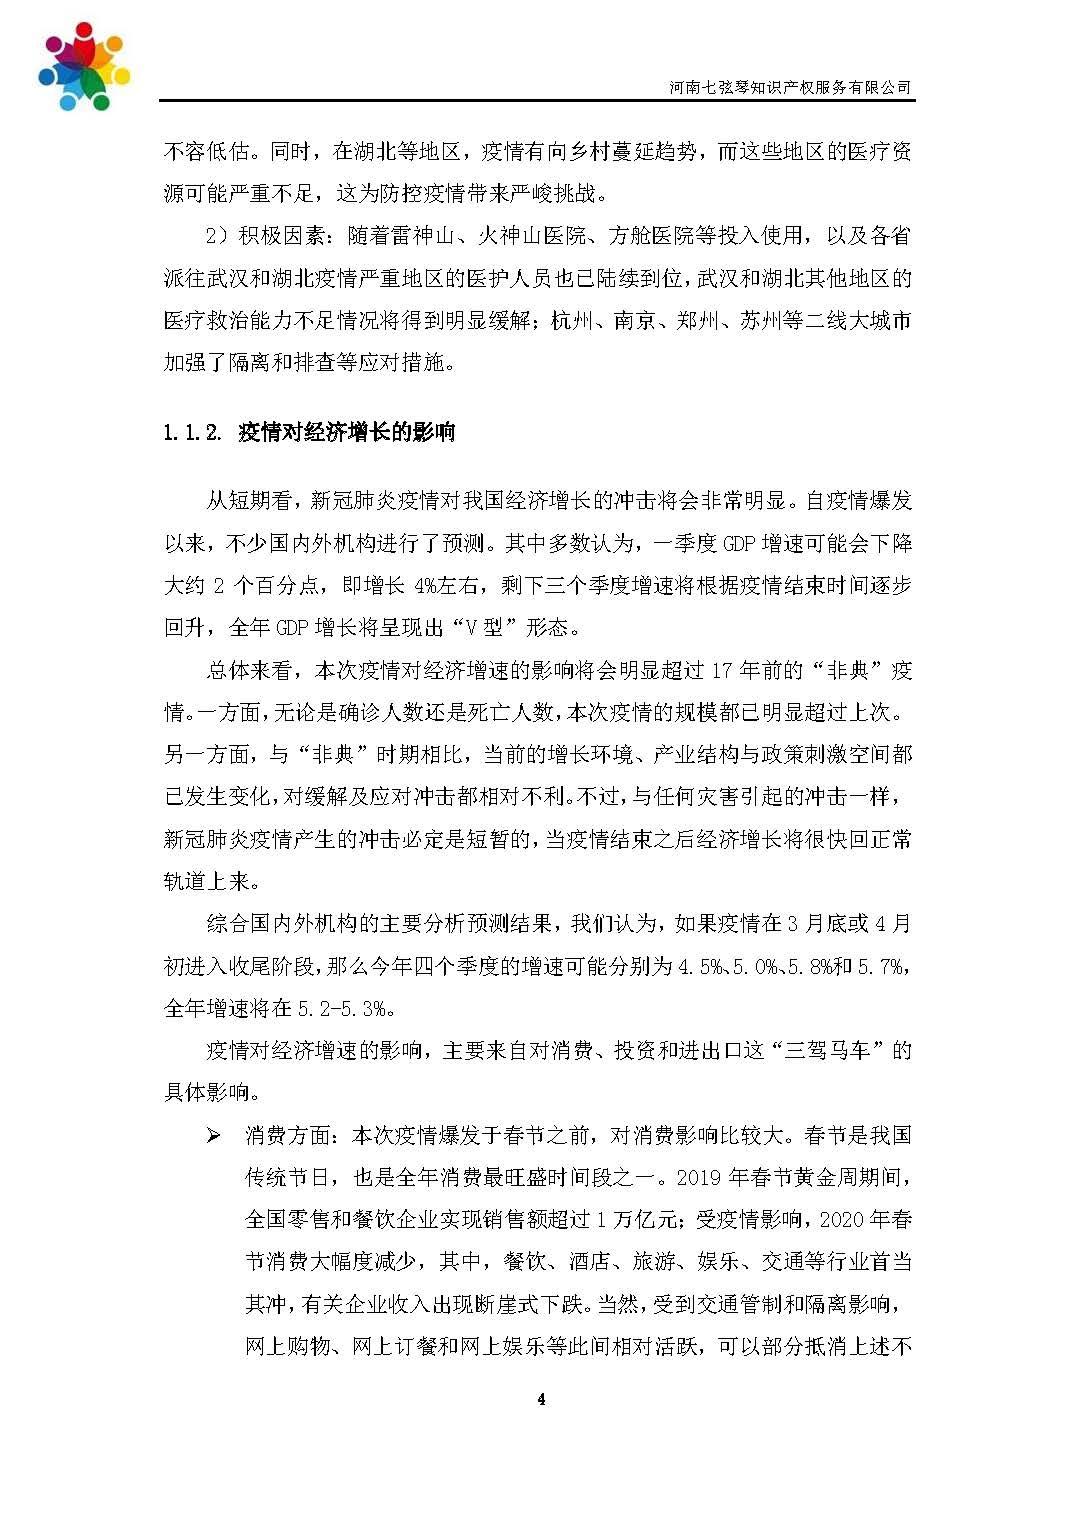 疫情期间科技信息利用研究报告(1)(1)_页面_008.jpg